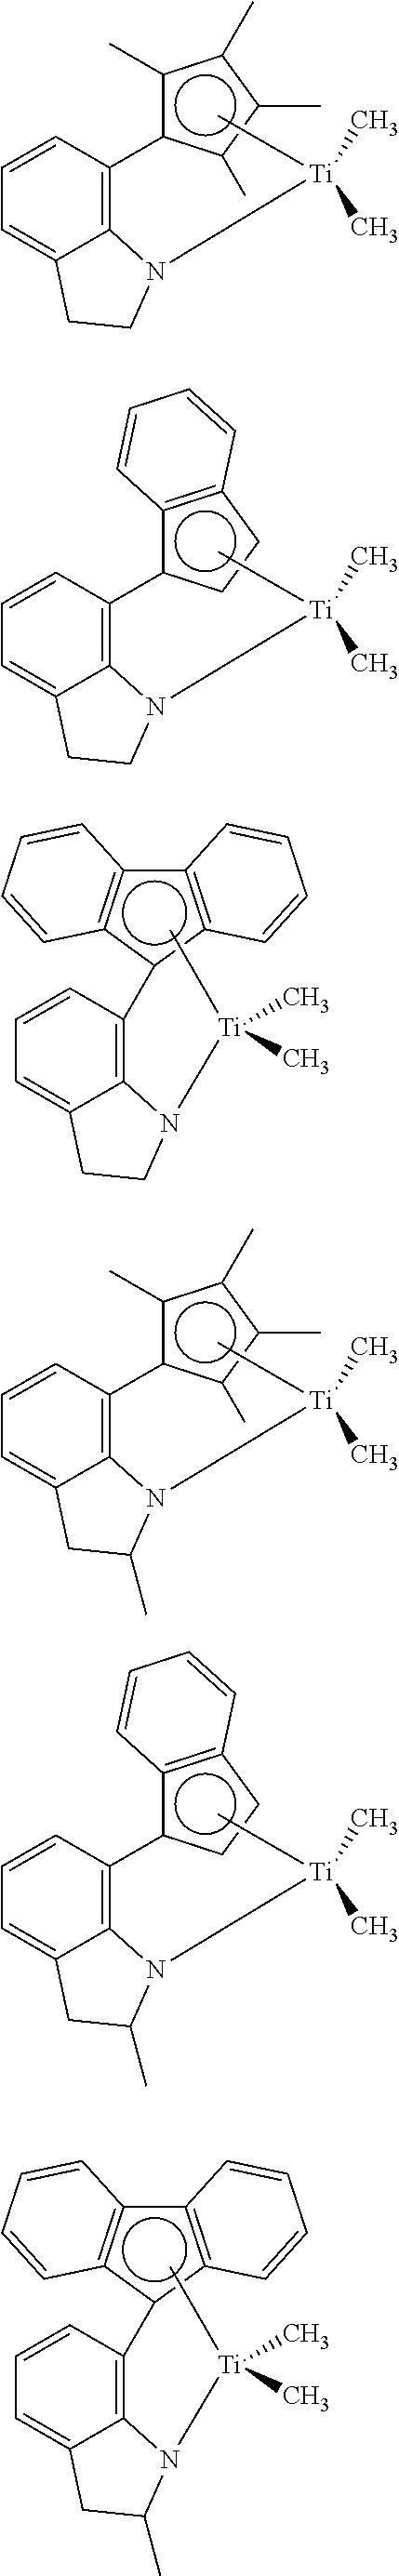 Figure US20110172451A1-20110714-C00007